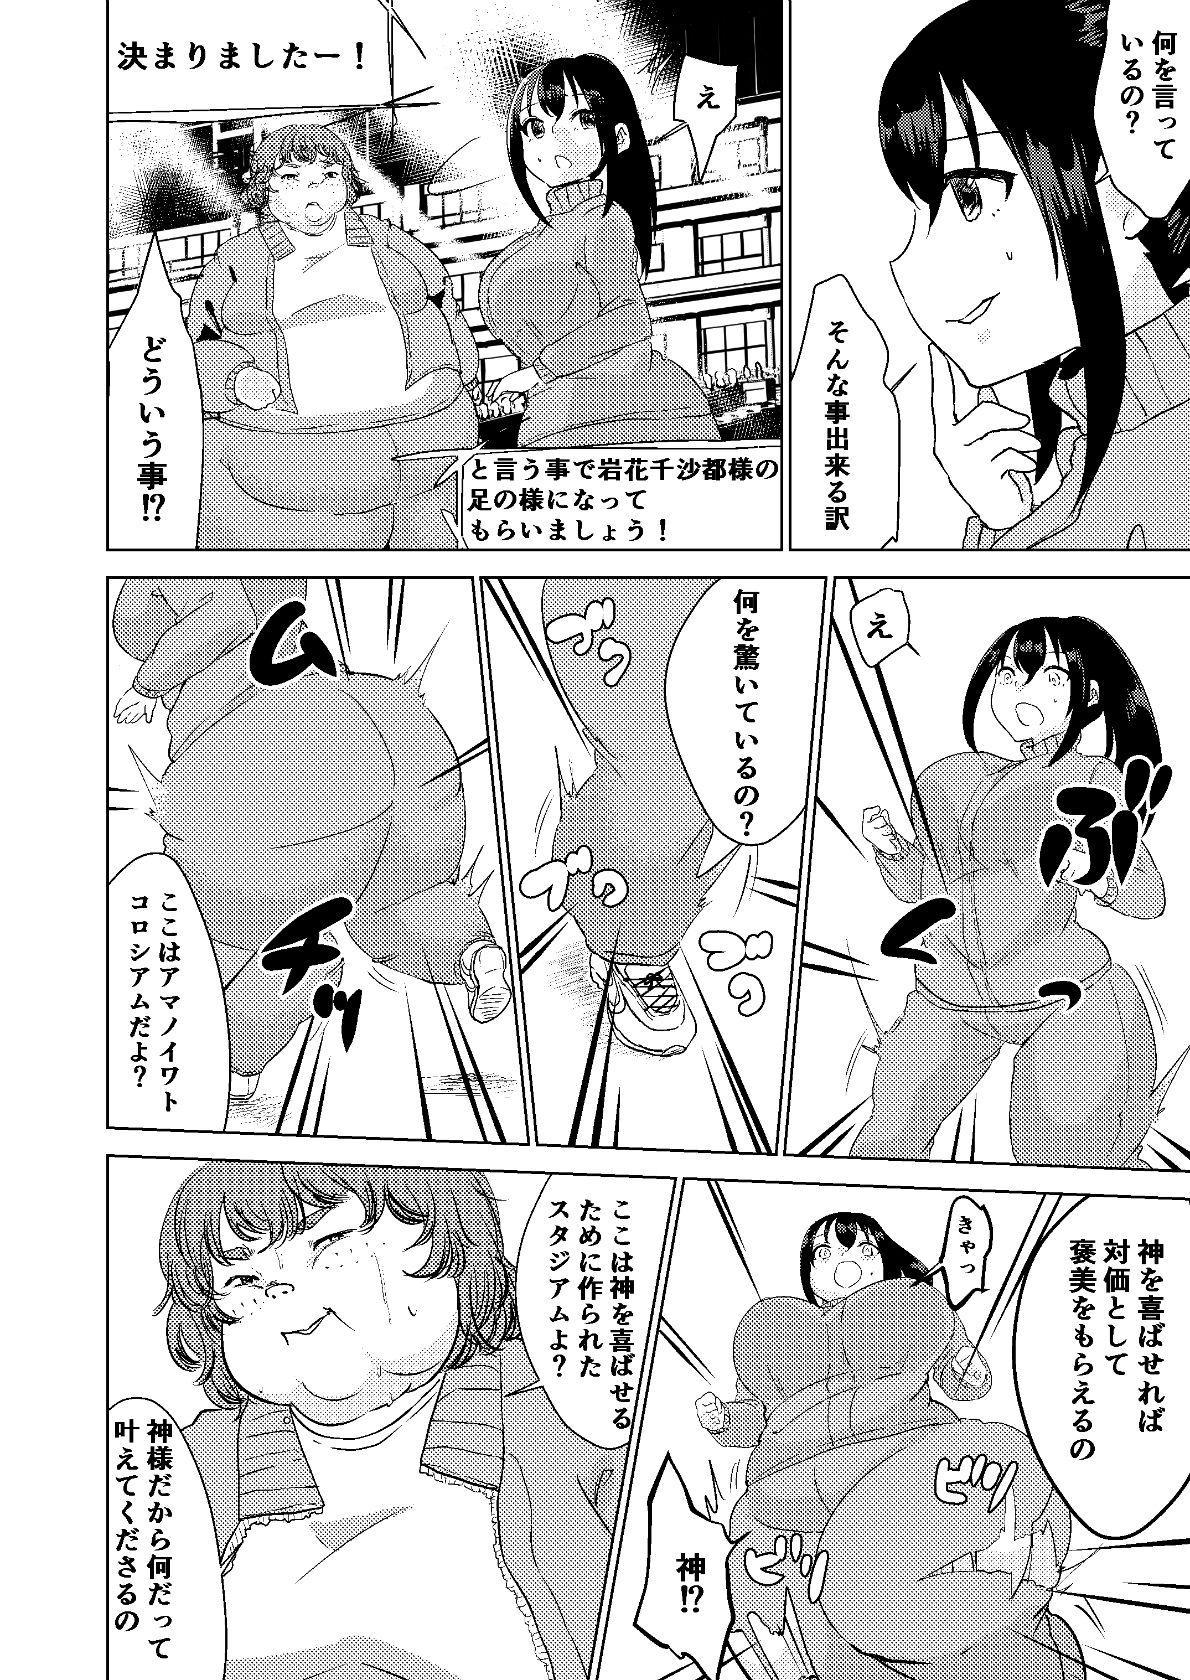 Kyou kara Watashi wa Anata ni Naru. 11